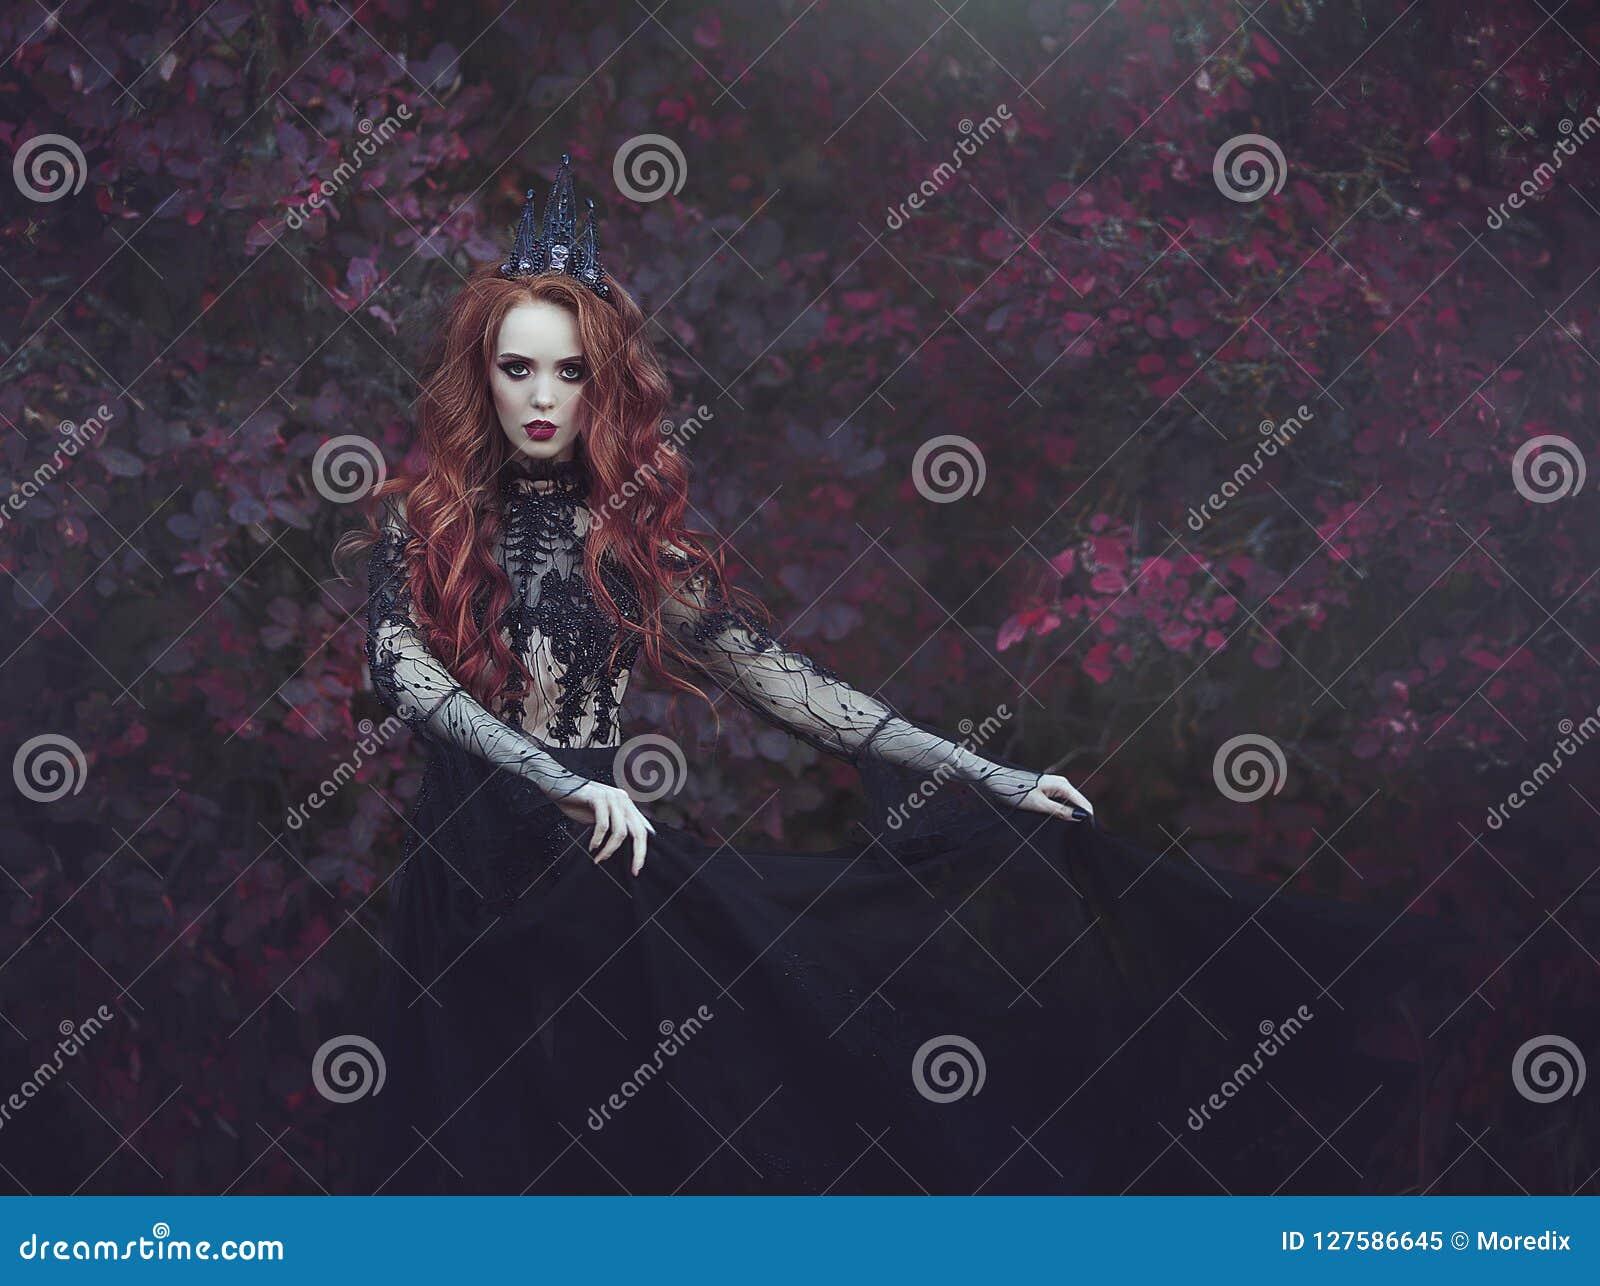 En härlig gotisk prinsessa med blek hud och långt rött hår som bär en krona och en svart klänning mot bakgrunden av burgundy le